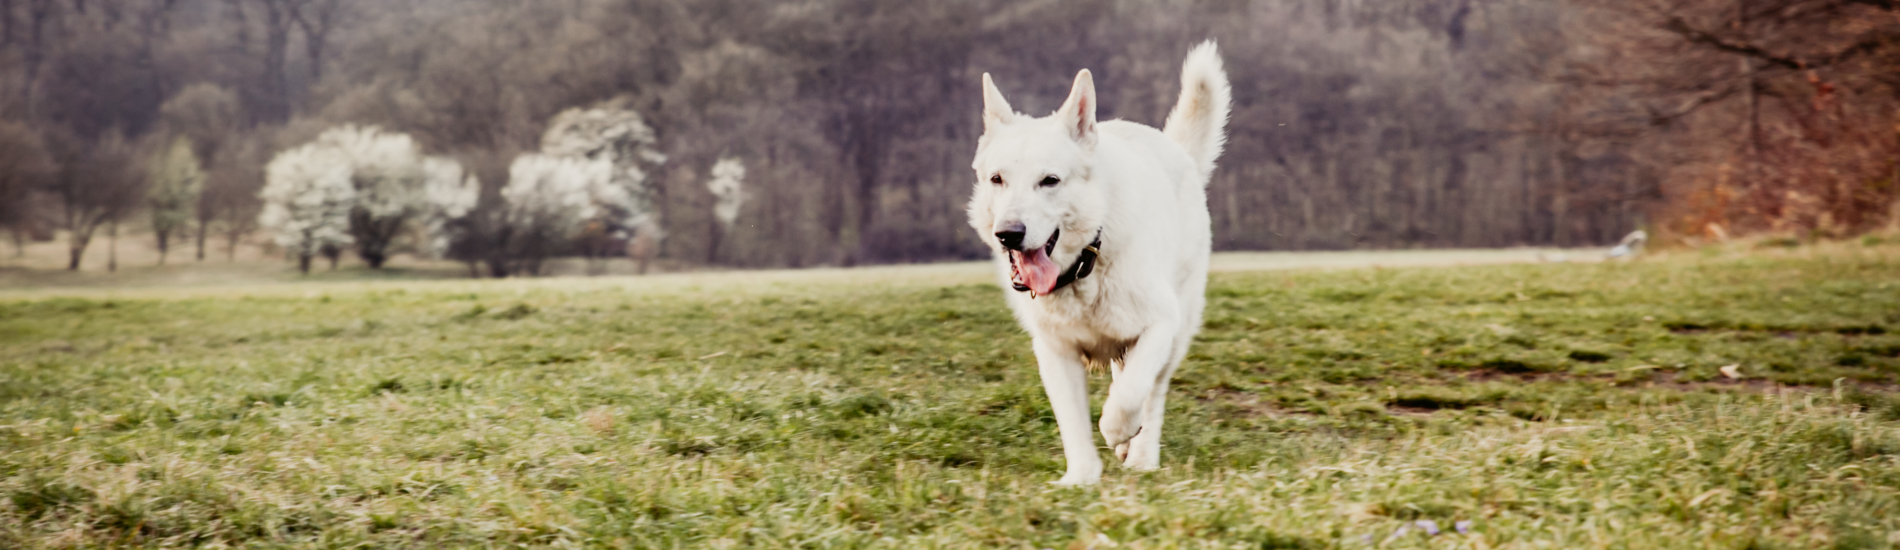 Wechseln von Dog-Plan-It oder Kursolino